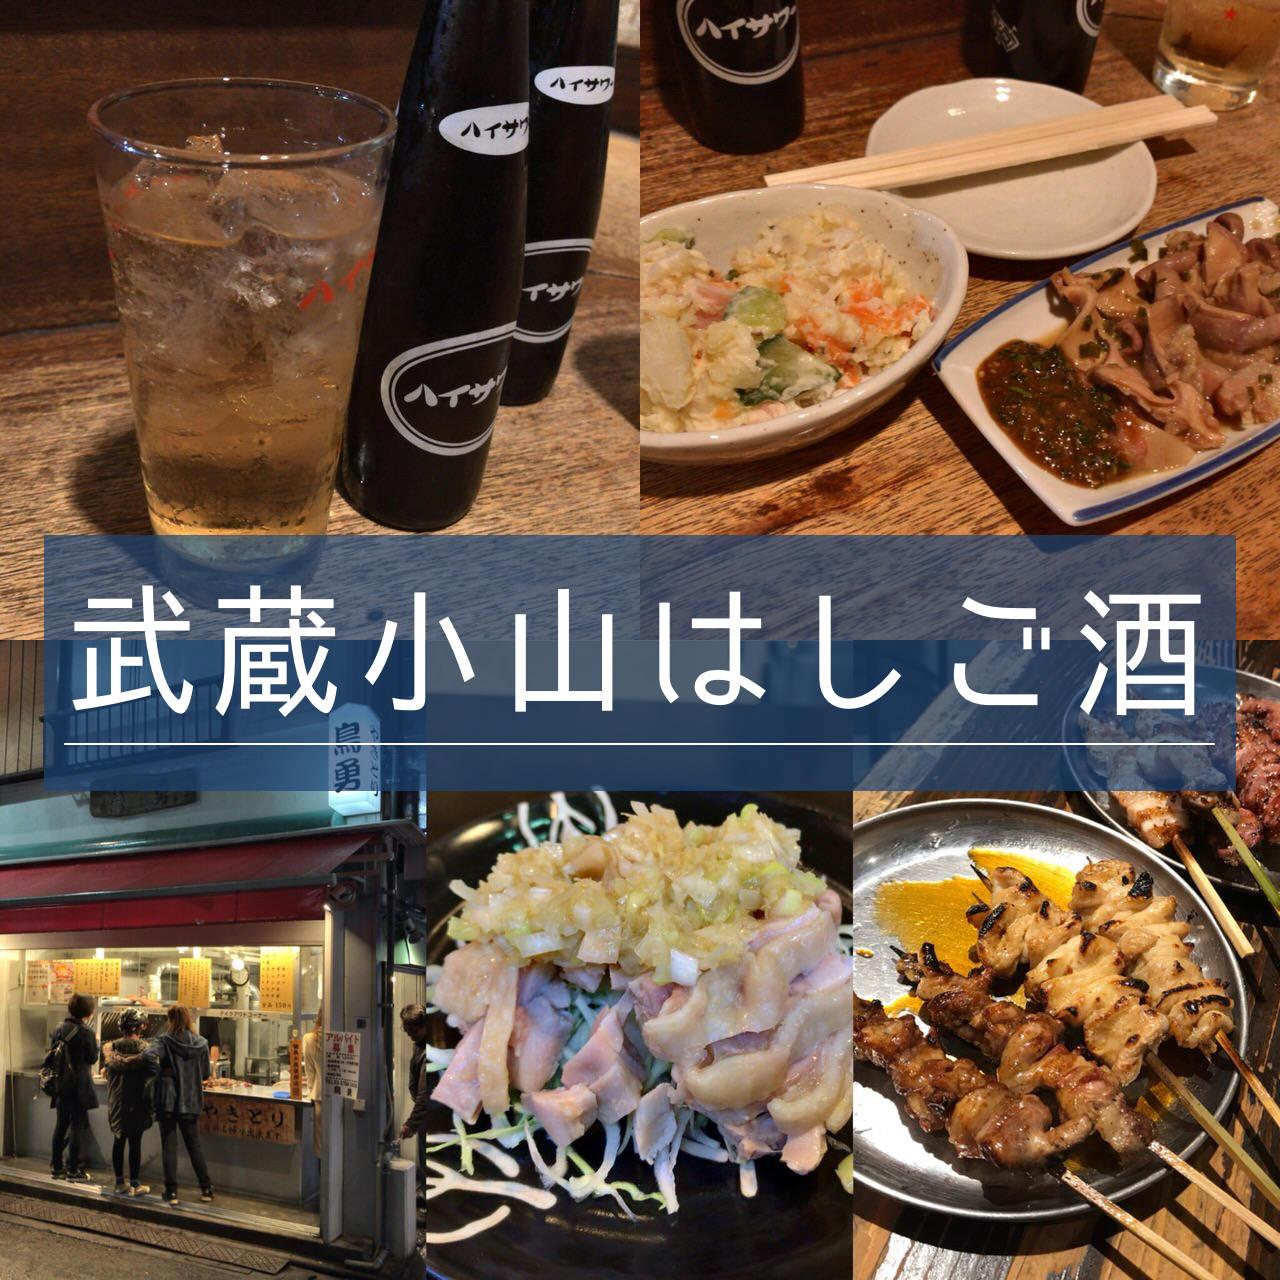 【武蔵小山はしご酒】目黒から2分で安くて居心地の良い酒場のある街へ